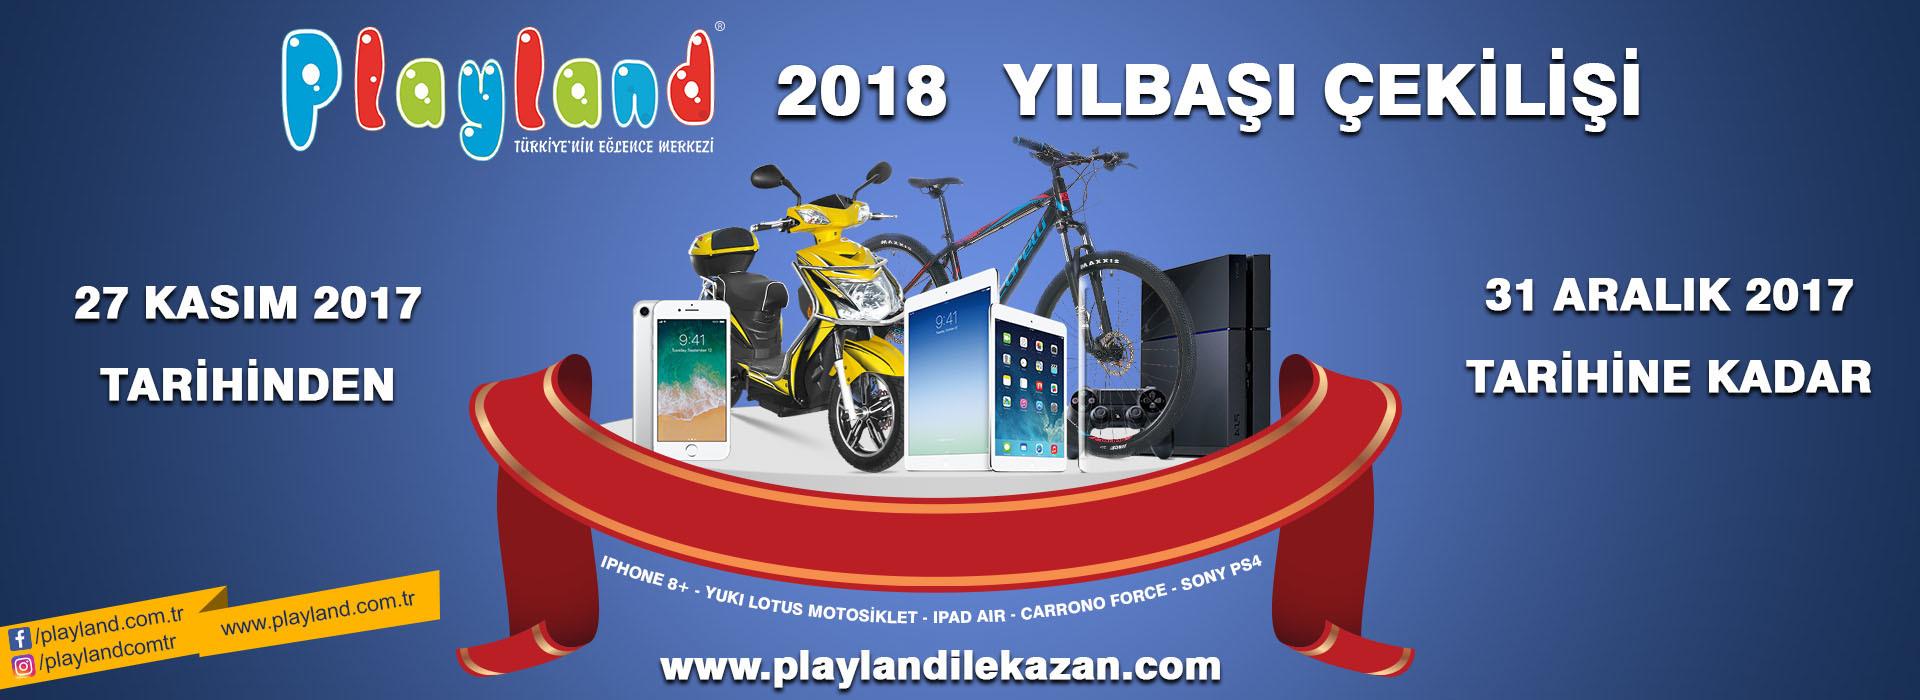 Playland' dan 2018 Yılbaşı Çekilişi!